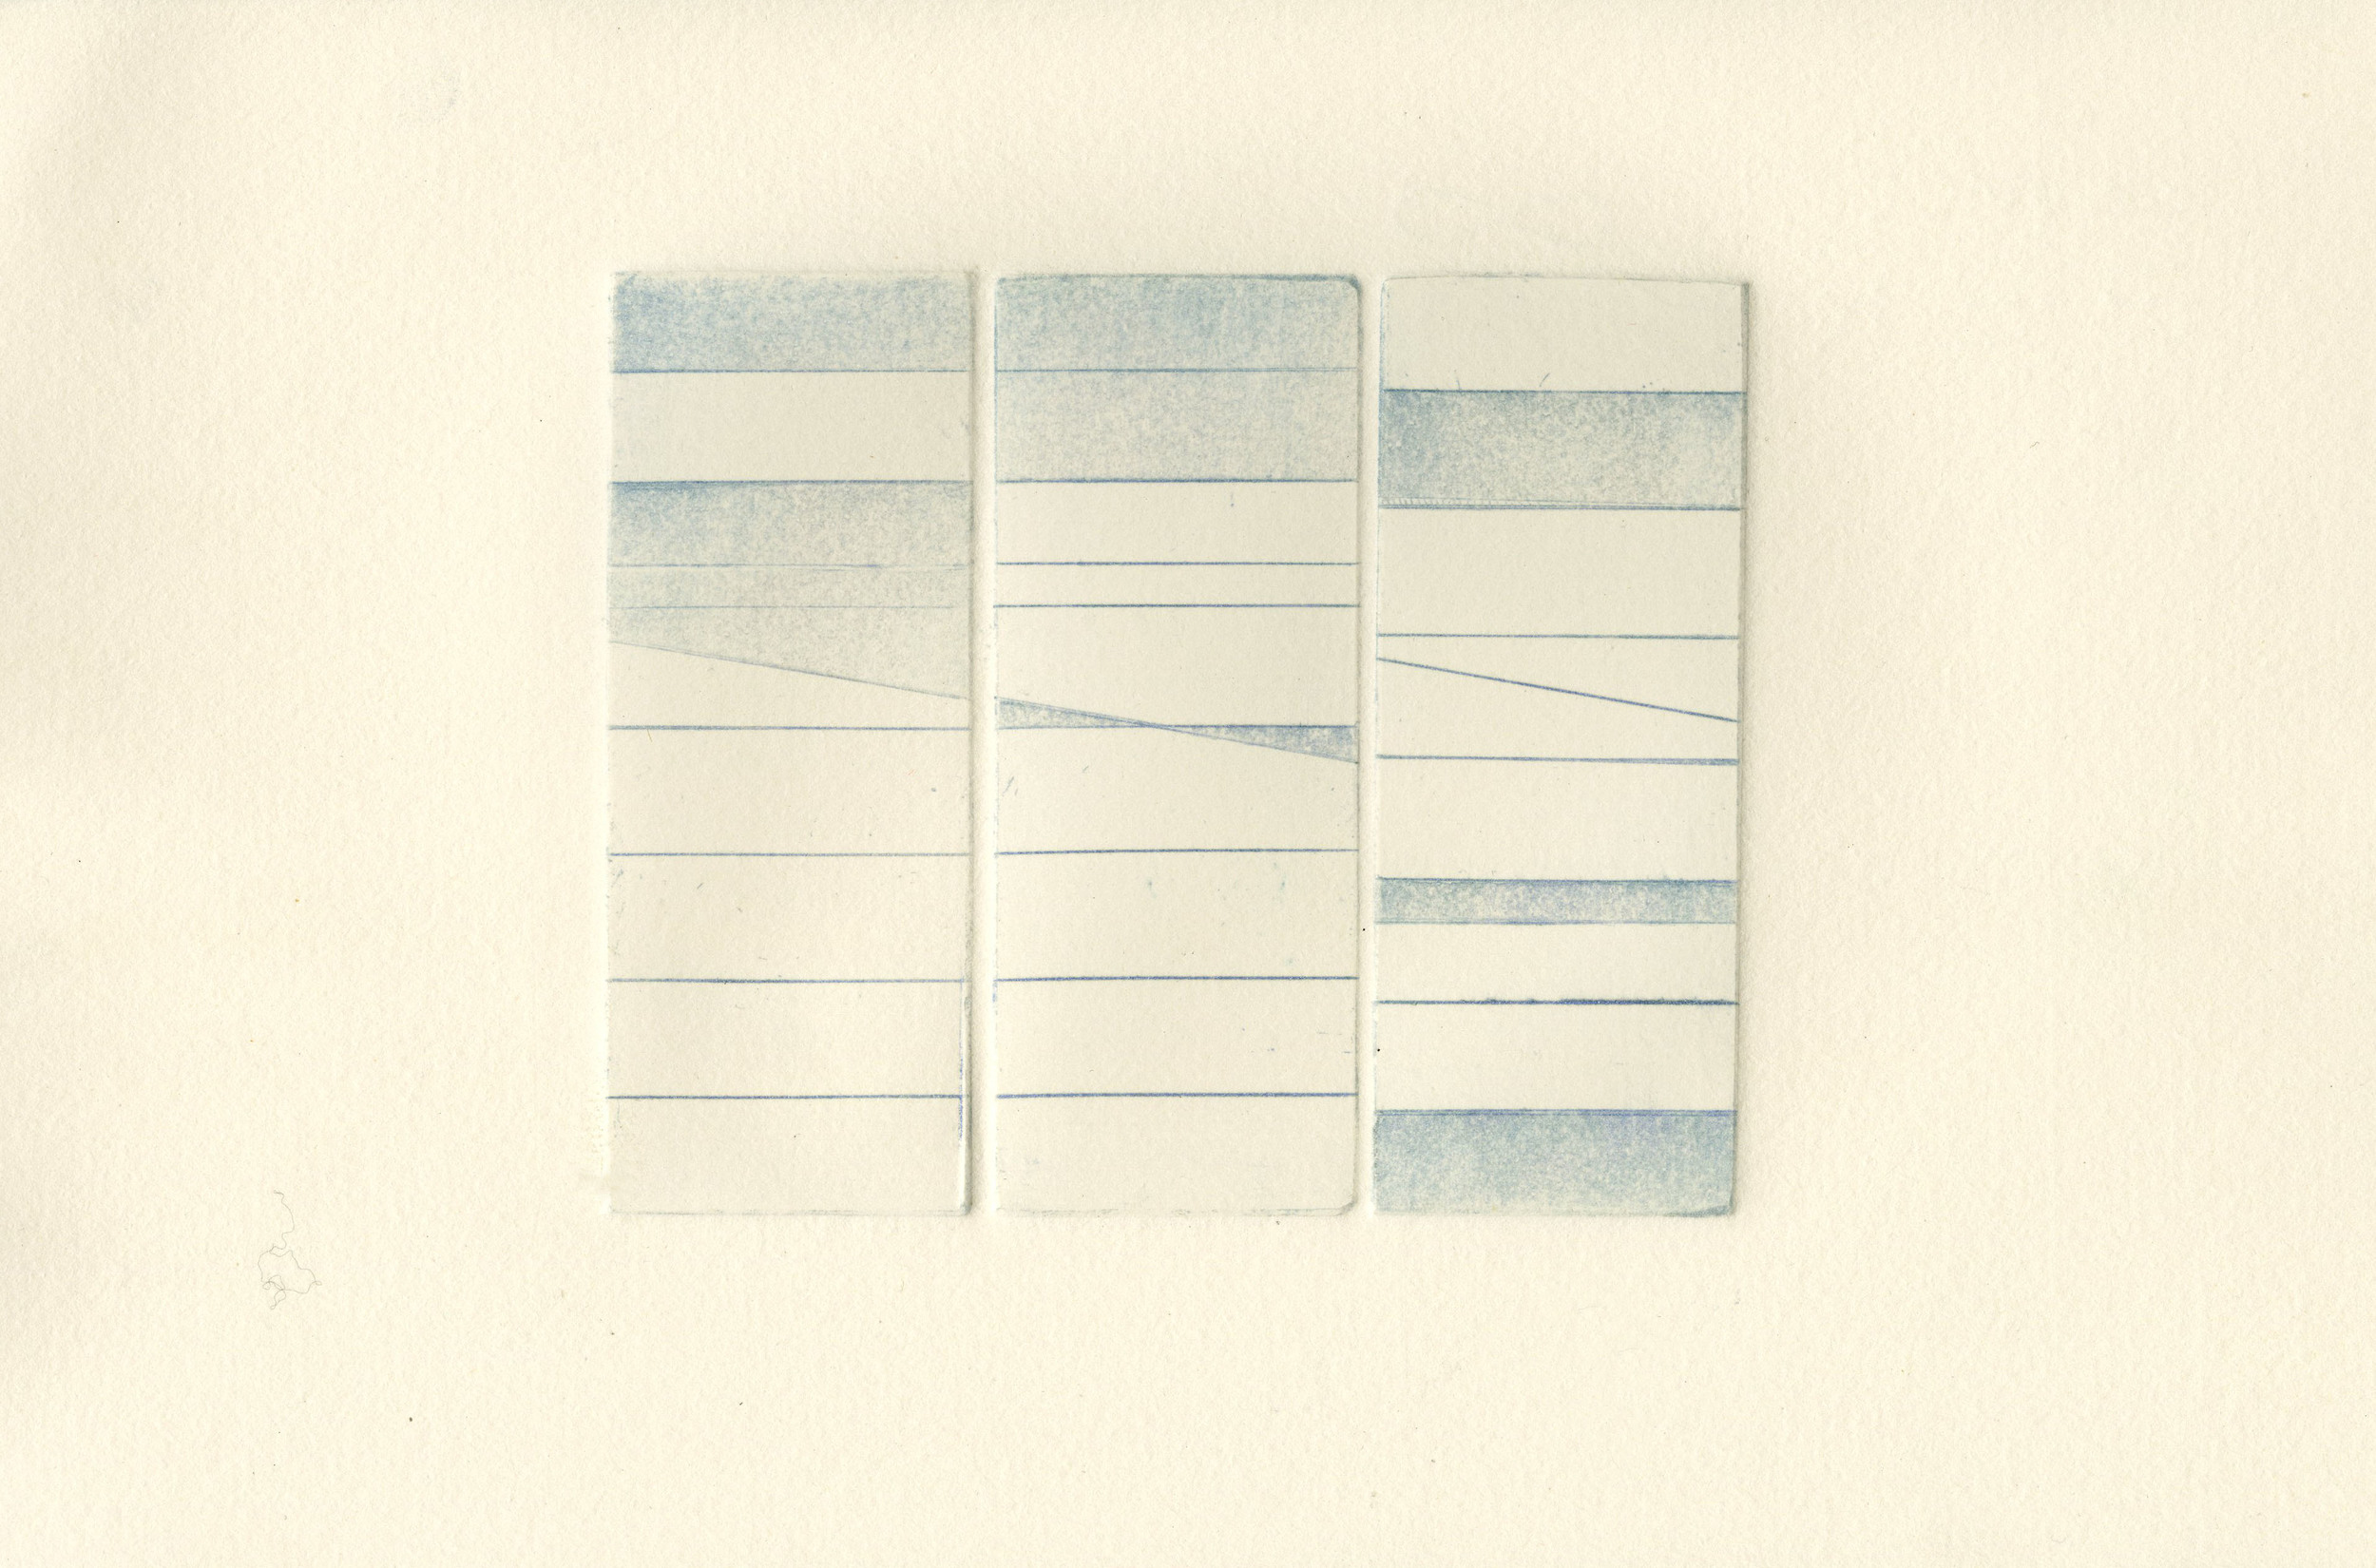 rectangle006.jpg